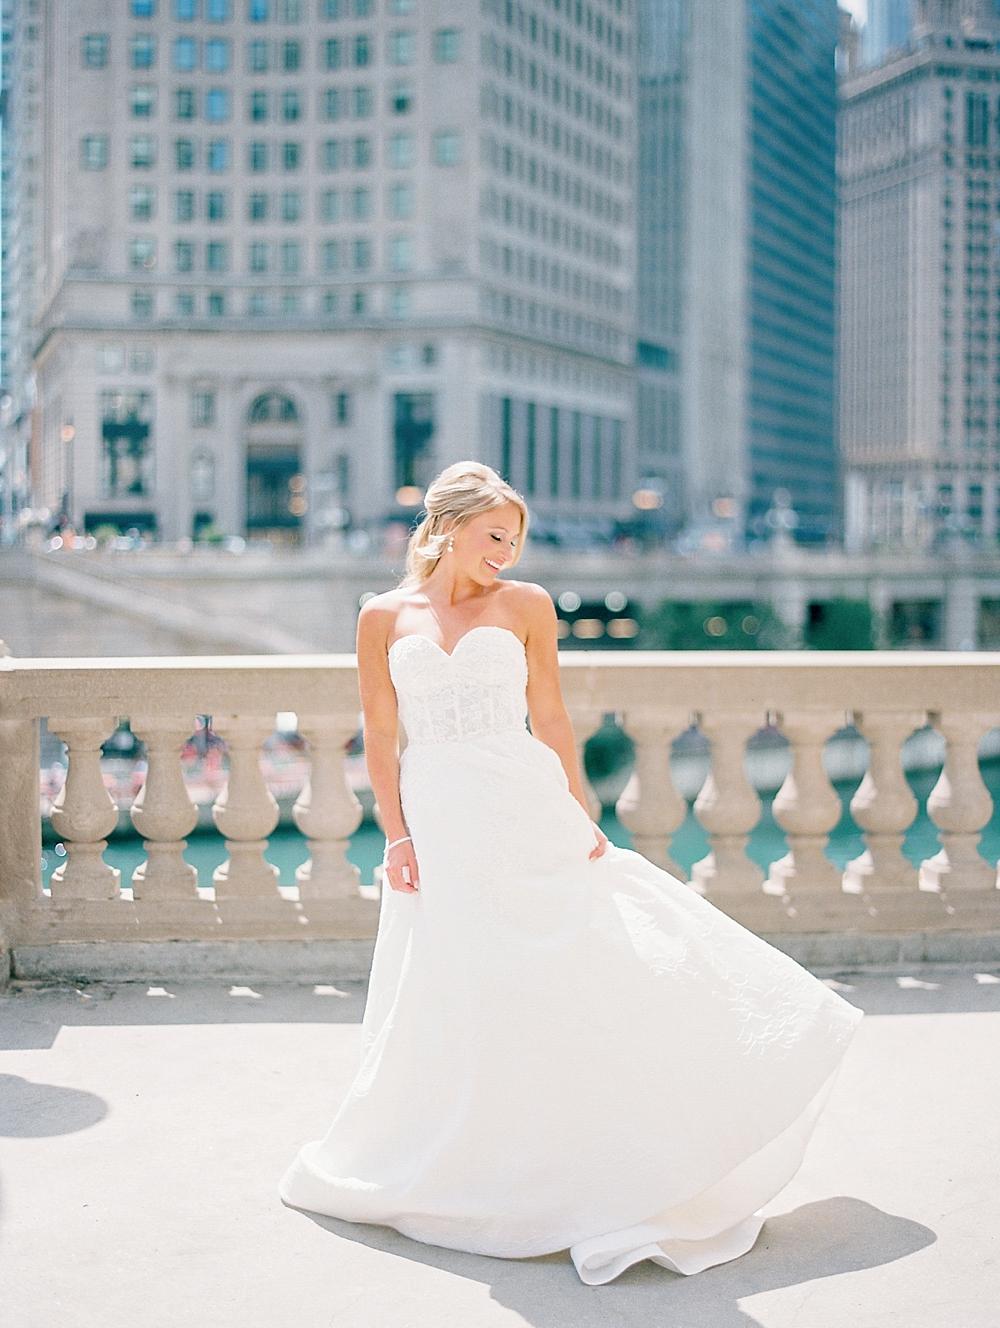 kristin-la-voie-photography-Chicago-Botanic-Garden-Wedding-8-29-21-85